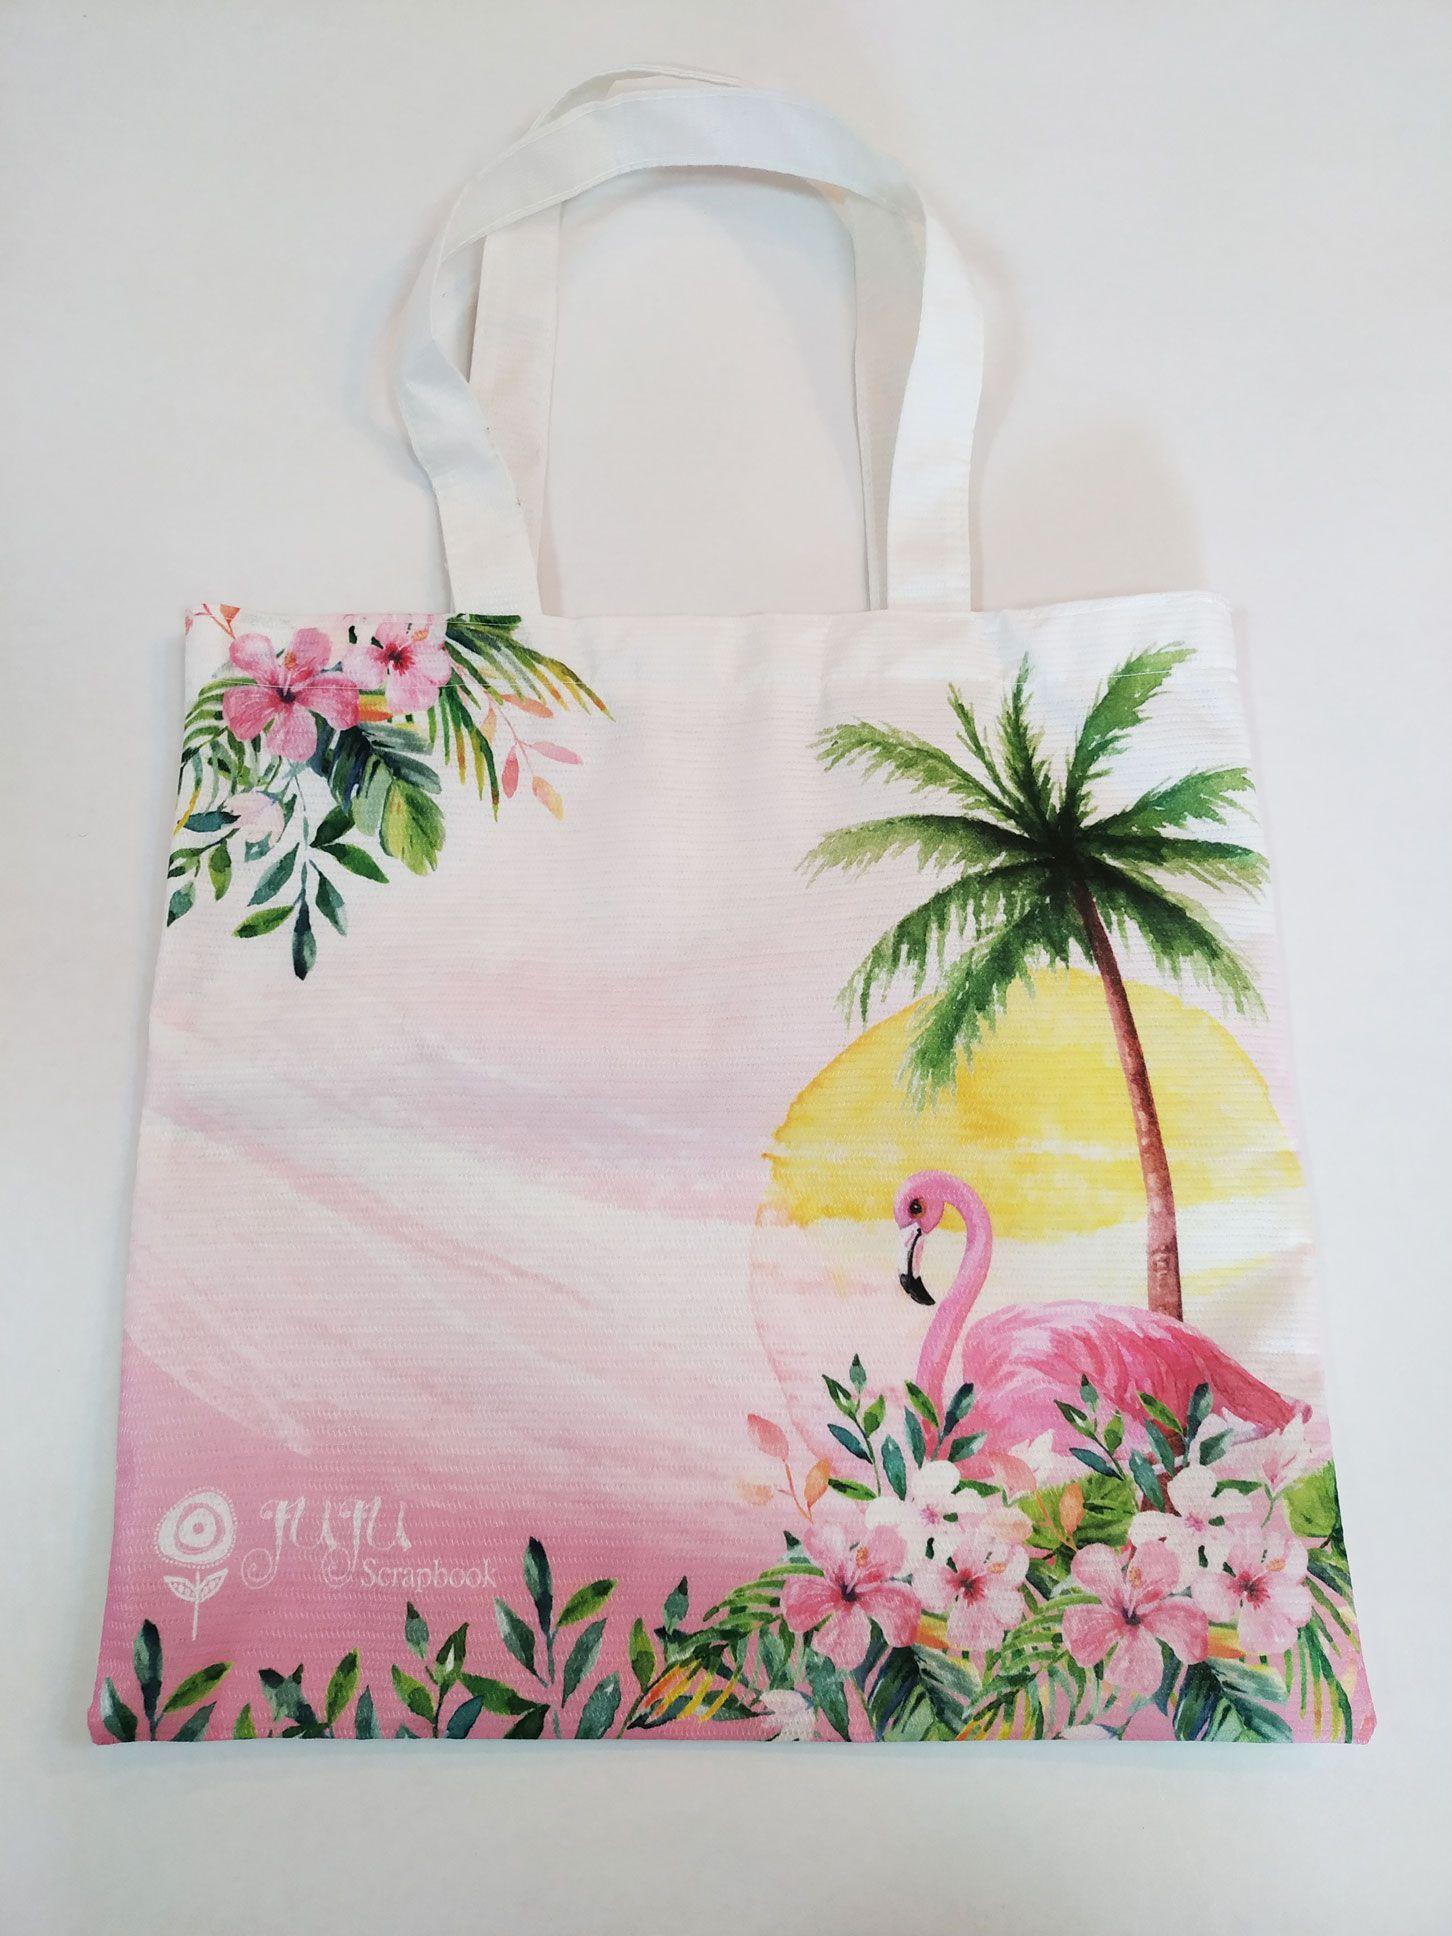 Bolsa Tarde de Verão - Coleção Paraíso Tropical - JuJu Scrapbook  - JuJu Scrapbook